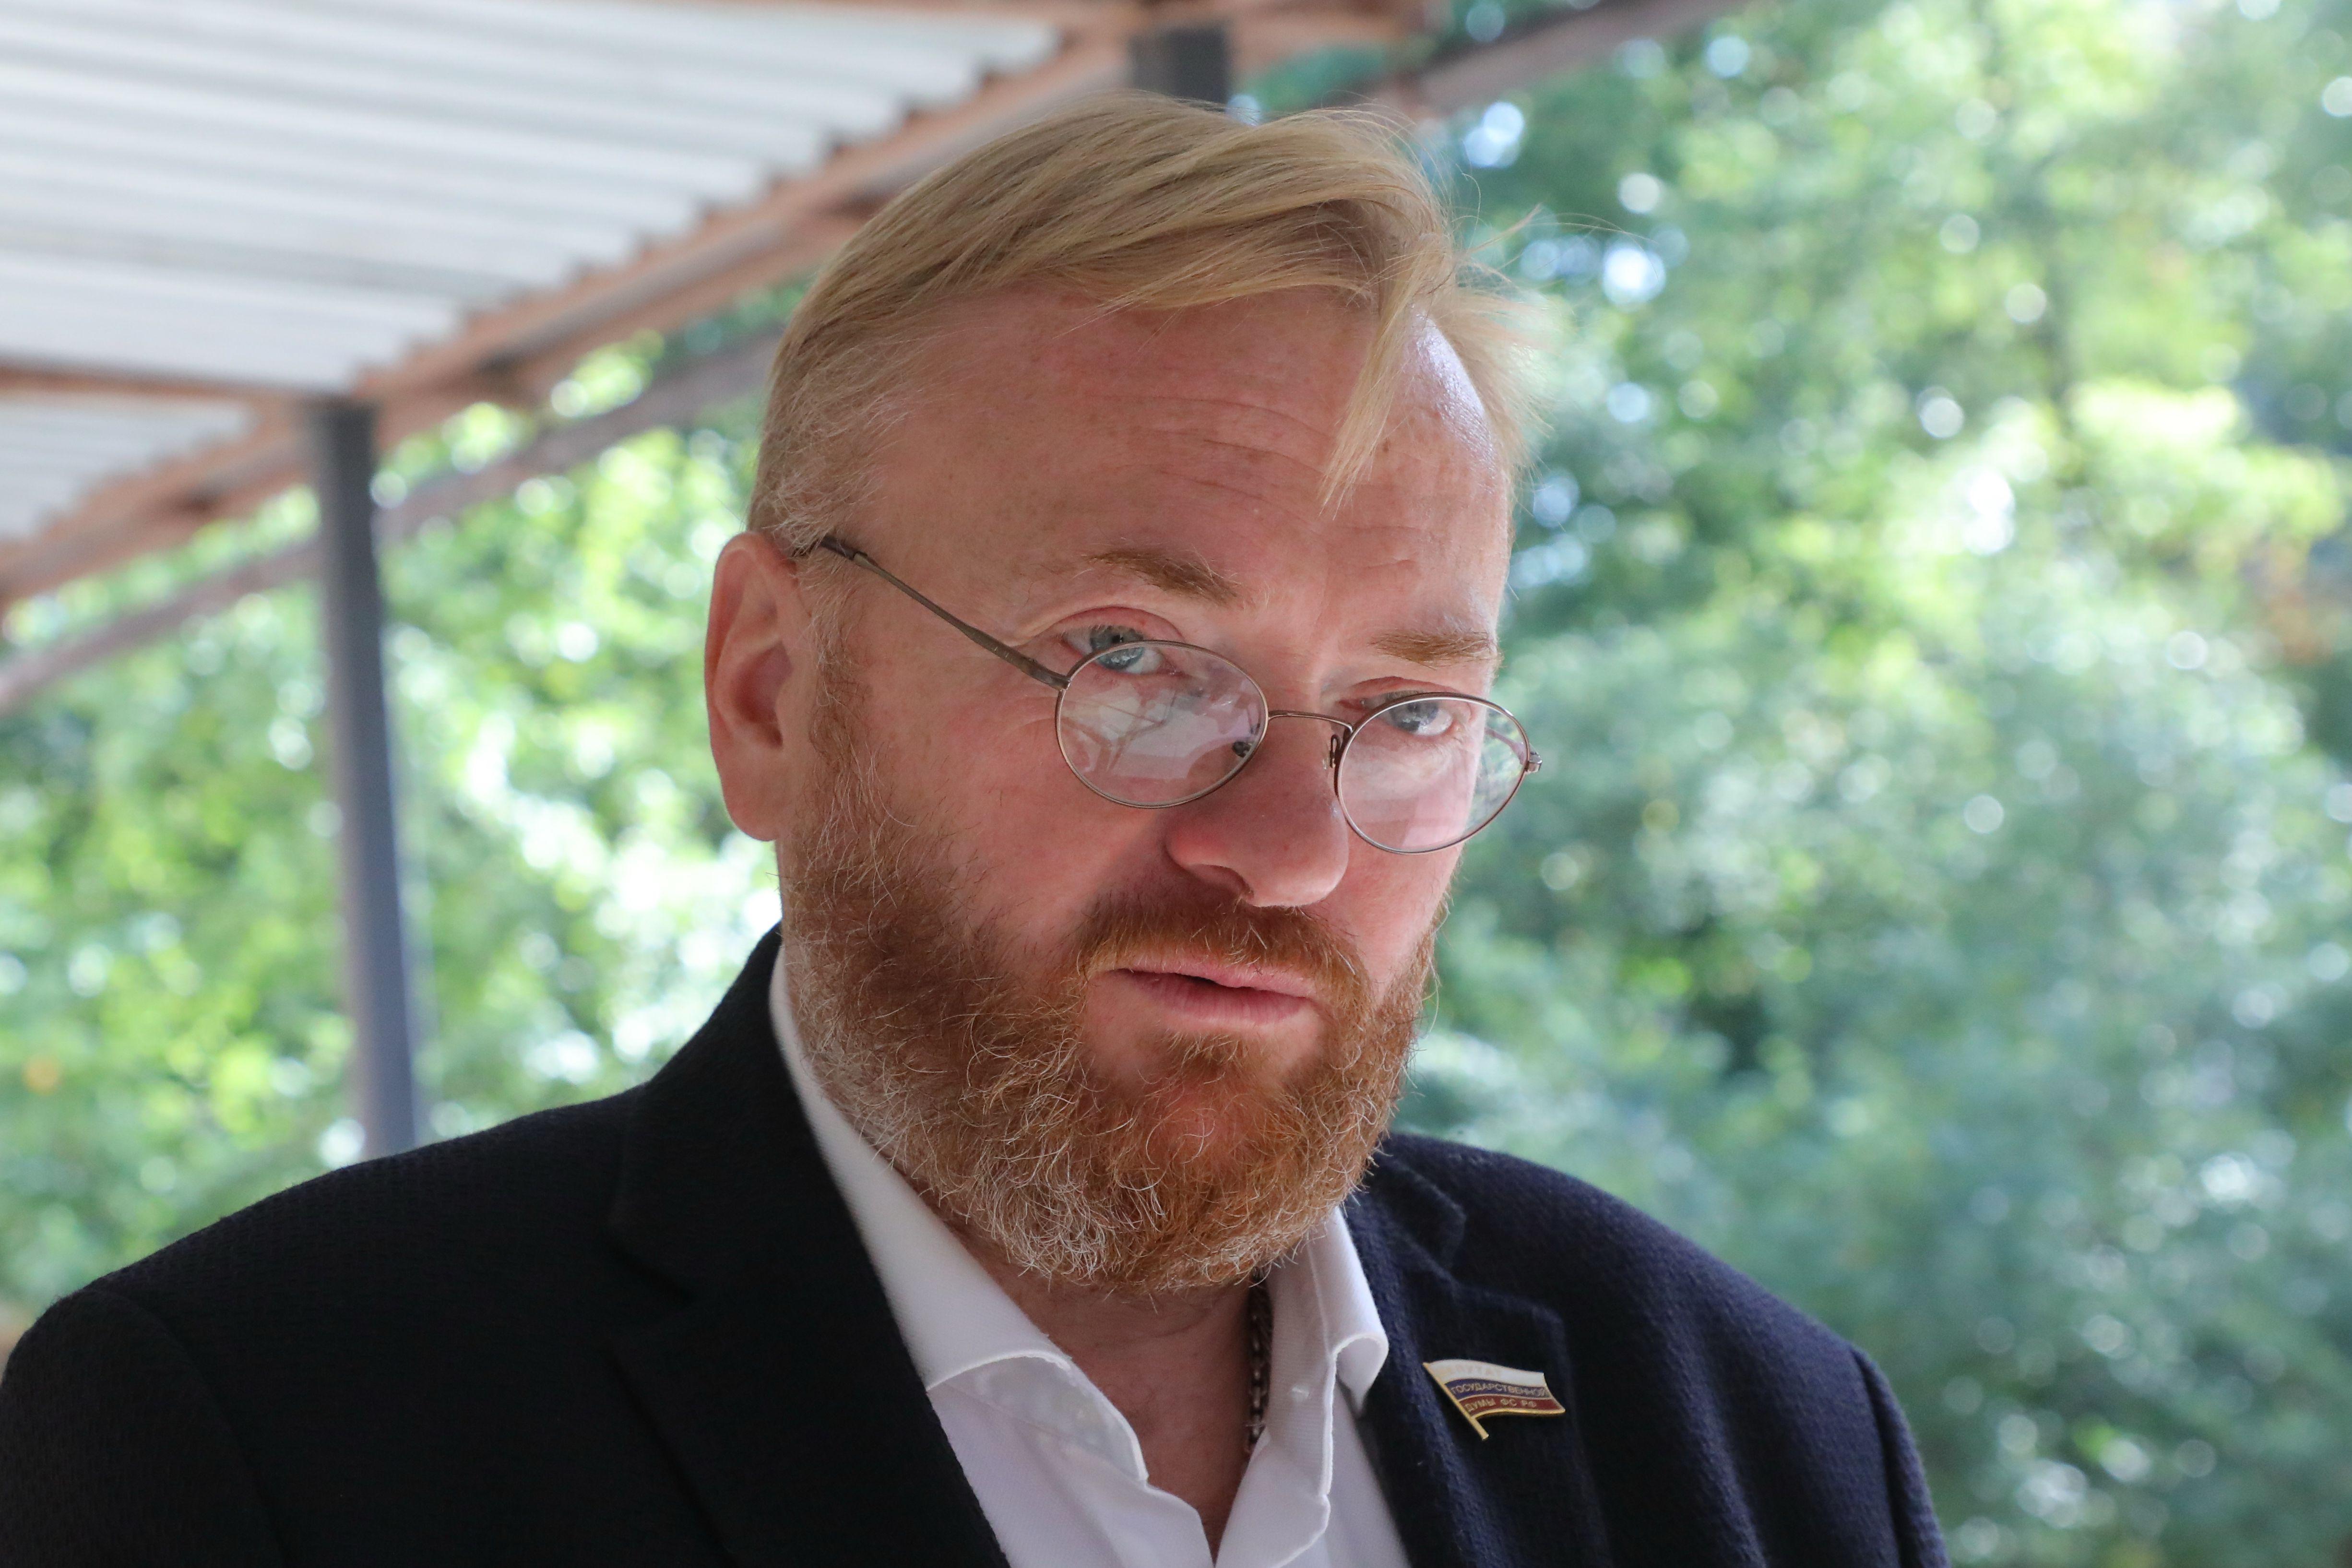 Депутат Милонов отреагировал на призыв присвоить Нурмагомедову звание Героя России